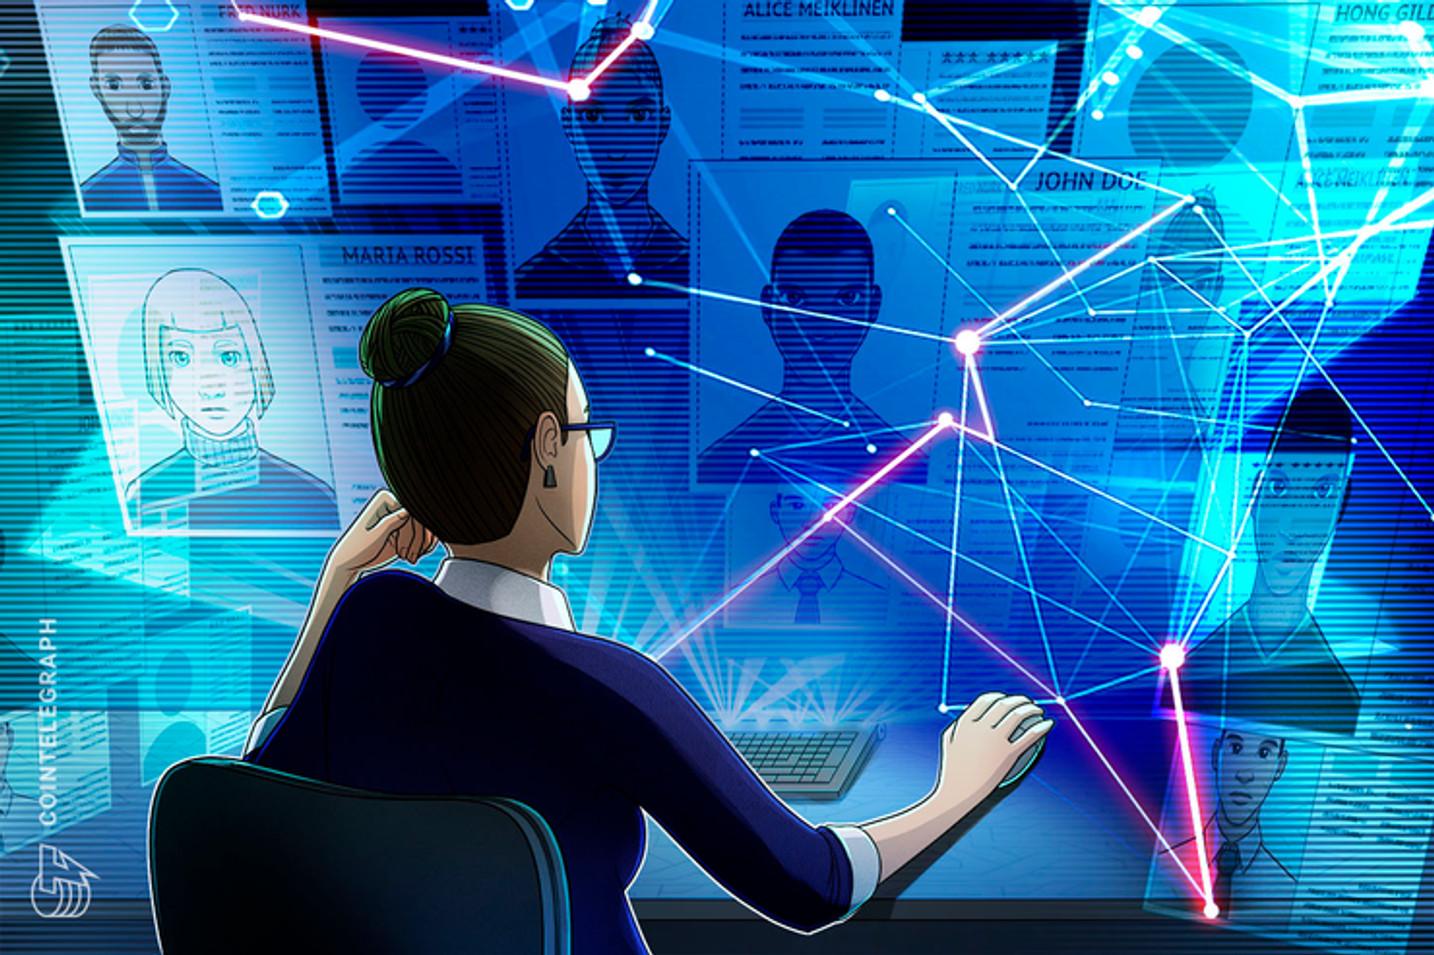 빗썸, 블록체인 기술연구소 설립 'R&D 능력 강화'